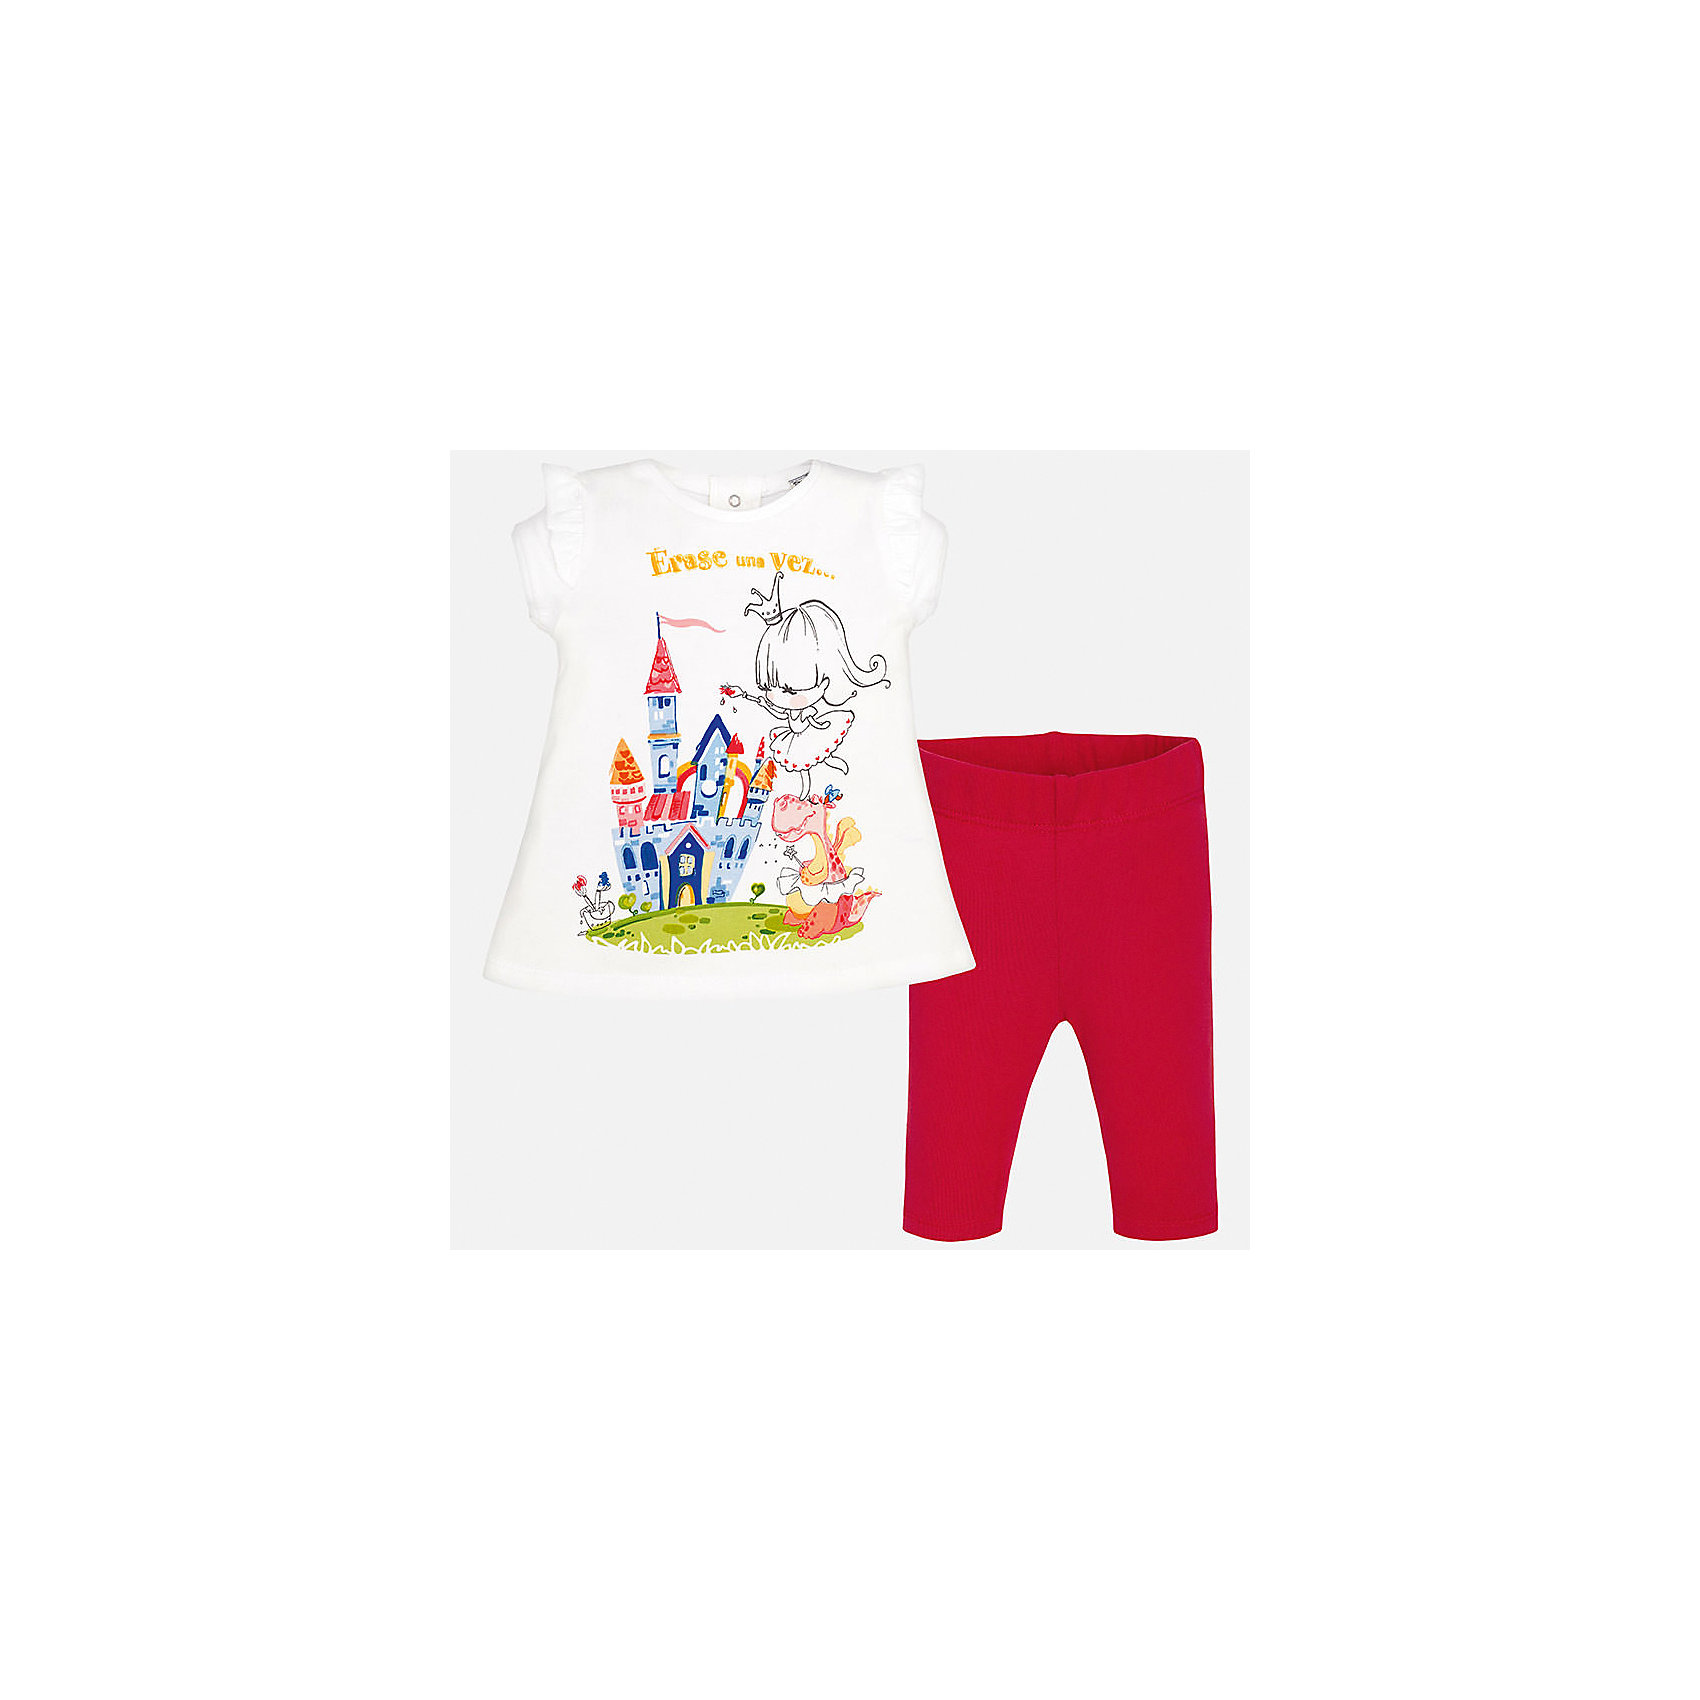 Комплект: футболка и леггинсы для девочки MayoralКомплекты<br>Характеристики товара:<br><br>• цвет: белый/красный<br>• состав: 98% хлопок, 2% эластан<br>• комплектация: футболка и леггинсы<br>• футболка декорирована принтом<br>• леггинсы однотонные<br>• пояс на резинке<br>• страна бренда: Испания<br><br>Стильный качественный комплект для девочки поможет разнообразить гардероб ребенка и удобно одеться в теплую погоду. Он отлично сочетается с другими предметами. Универсальный цвет позволяет подобрать к вещам верхнюю одежду практически любой расцветки. Интересная отделка модели делает её нарядной и оригинальной. В составе материала - натуральный хлопок, гипоаллергенный, приятный на ощупь, дышащий.<br><br>Одежда, обувь и аксессуары от испанского бренда Mayoral полюбились детям и взрослым по всему миру. Модели этой марки - стильные и удобные. Для их производства используются только безопасные, качественные материалы и фурнитура. Порадуйте ребенка модными и красивыми вещами от Mayoral! <br><br>Комплект: футболка и леггинсы для девочки от испанского бренда Mayoral (Майорал) можно купить в нашем интернет-магазине.<br><br>Ширина мм: 123<br>Глубина мм: 10<br>Высота мм: 149<br>Вес г: 209<br>Цвет: красный<br>Возраст от месяцев: 18<br>Возраст до месяцев: 24<br>Пол: Женский<br>Возраст: Детский<br>Размер: 92,74,80,86<br>SKU: 5289074